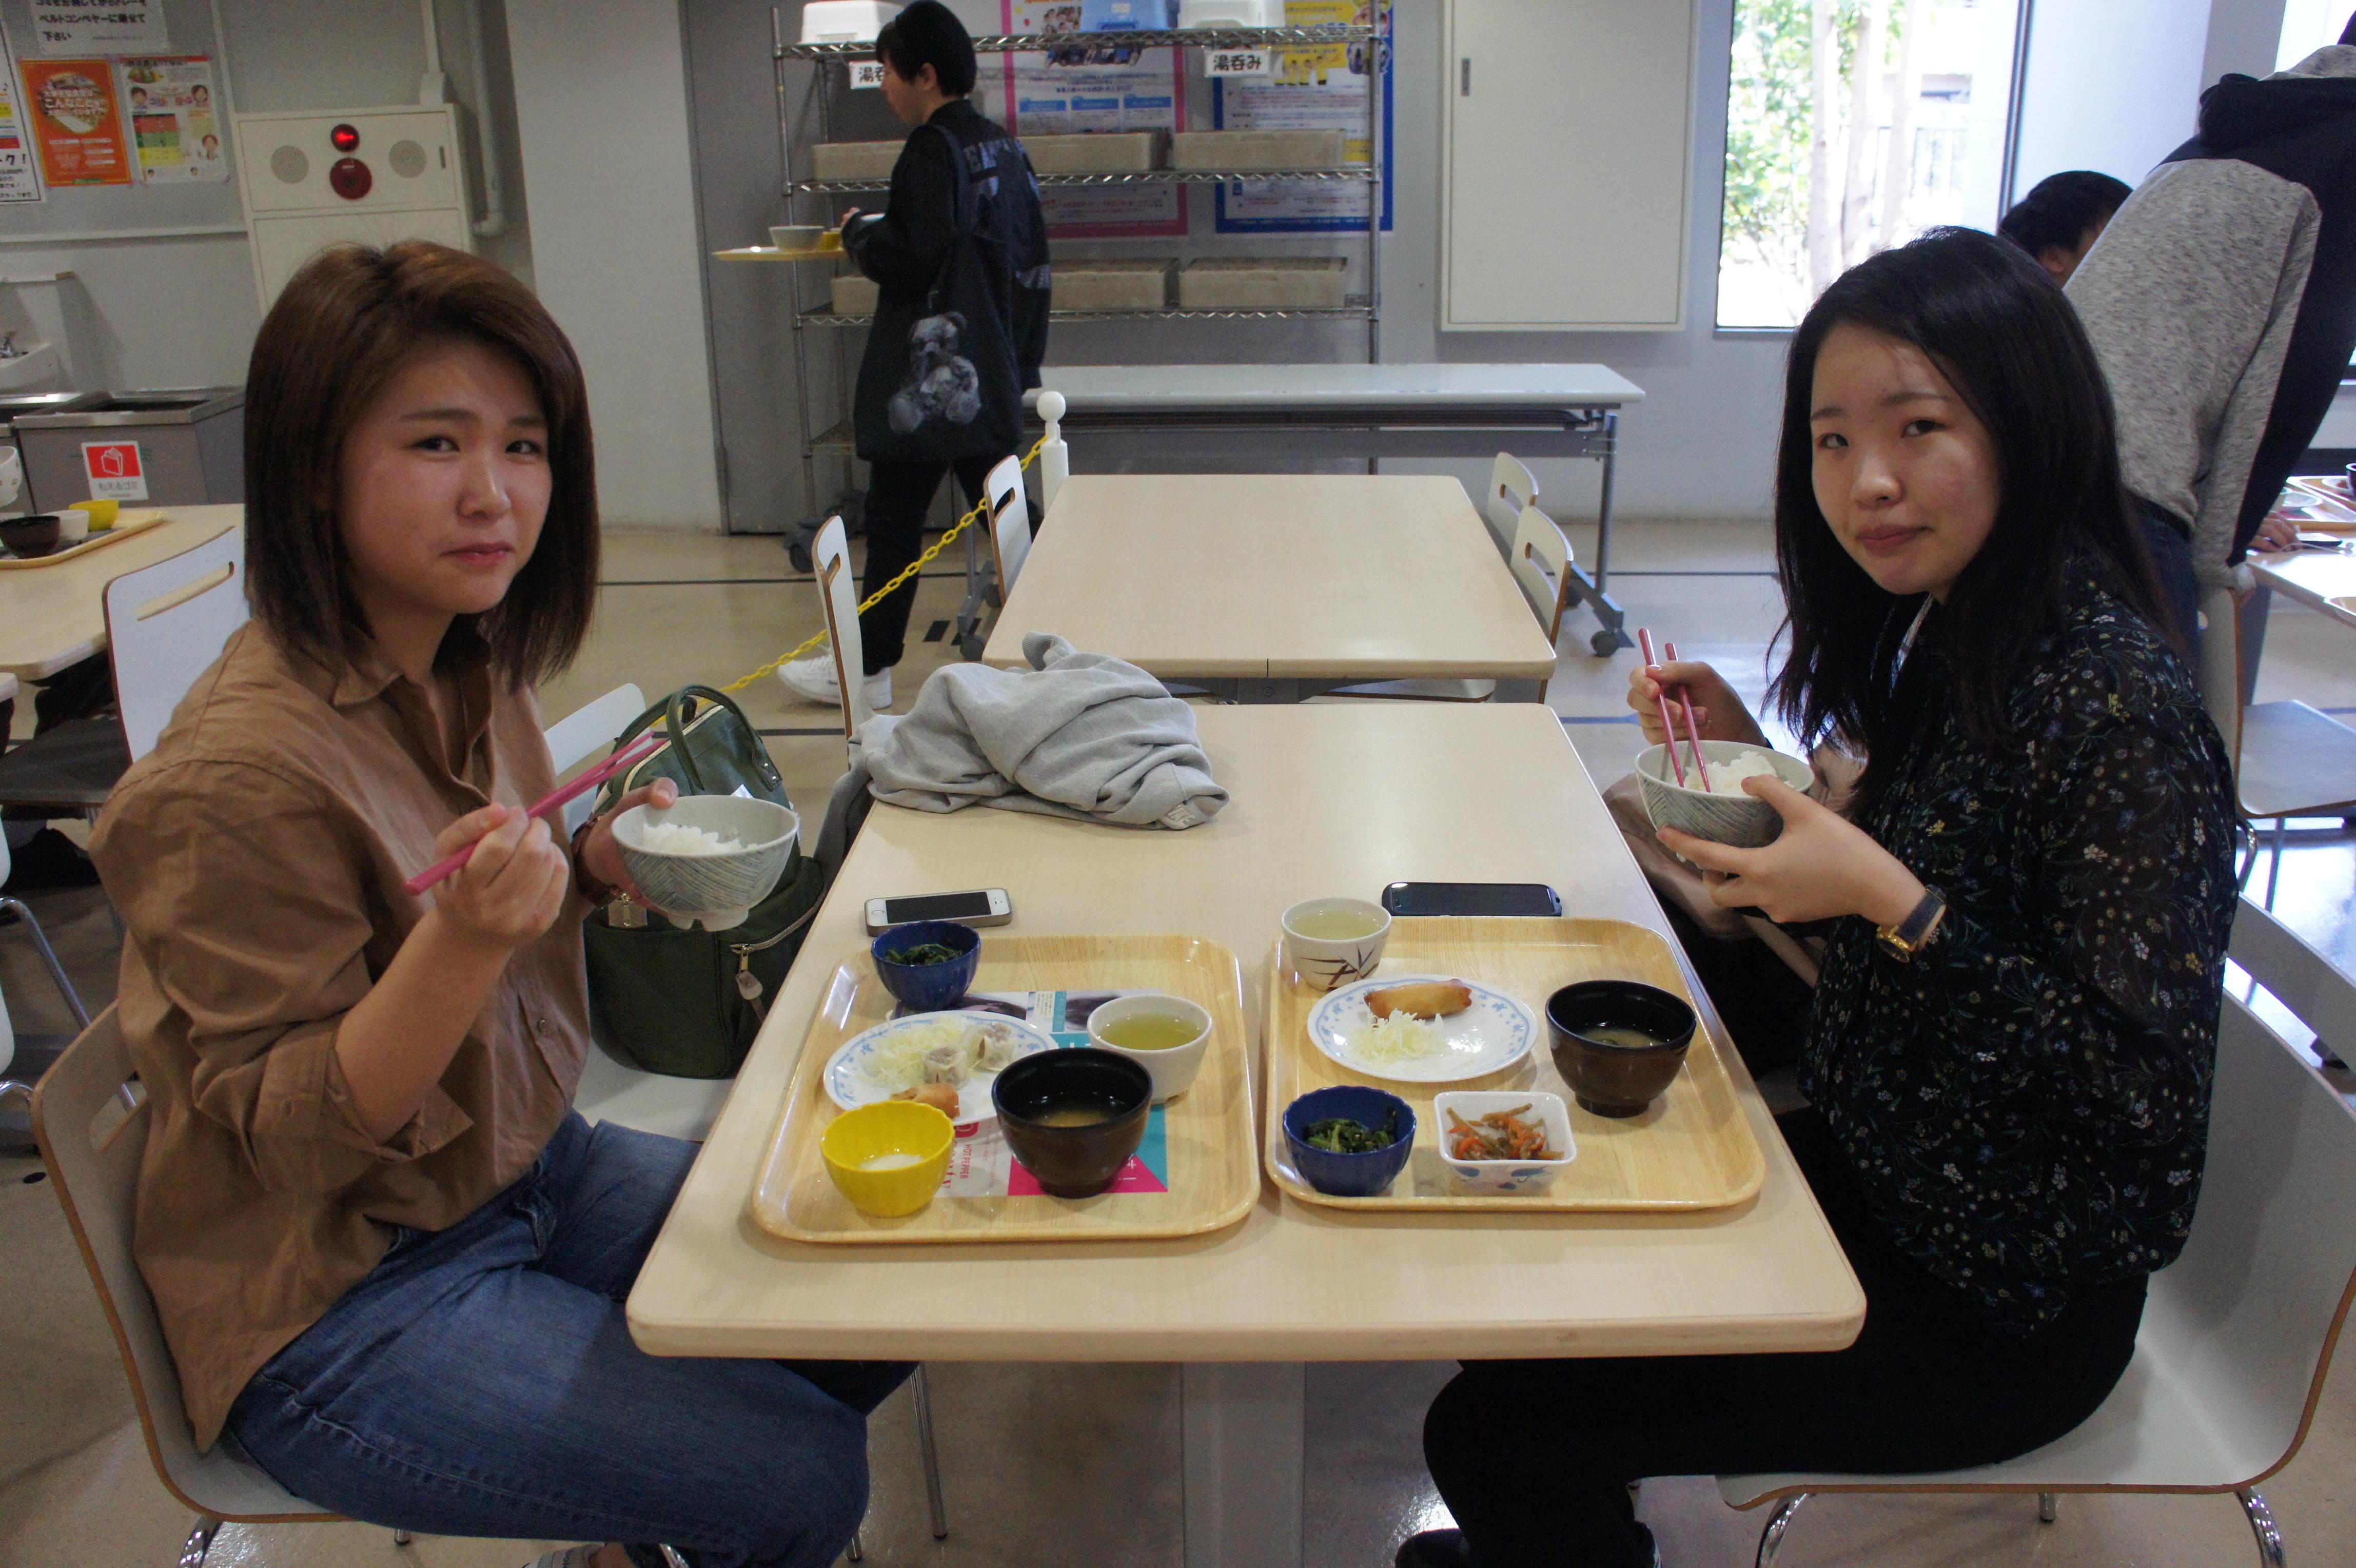 利用者満足度90%超え。学生生活の質の向上に一役、東京経済大学父母の会が実施する「100円朝食」が5年目に。